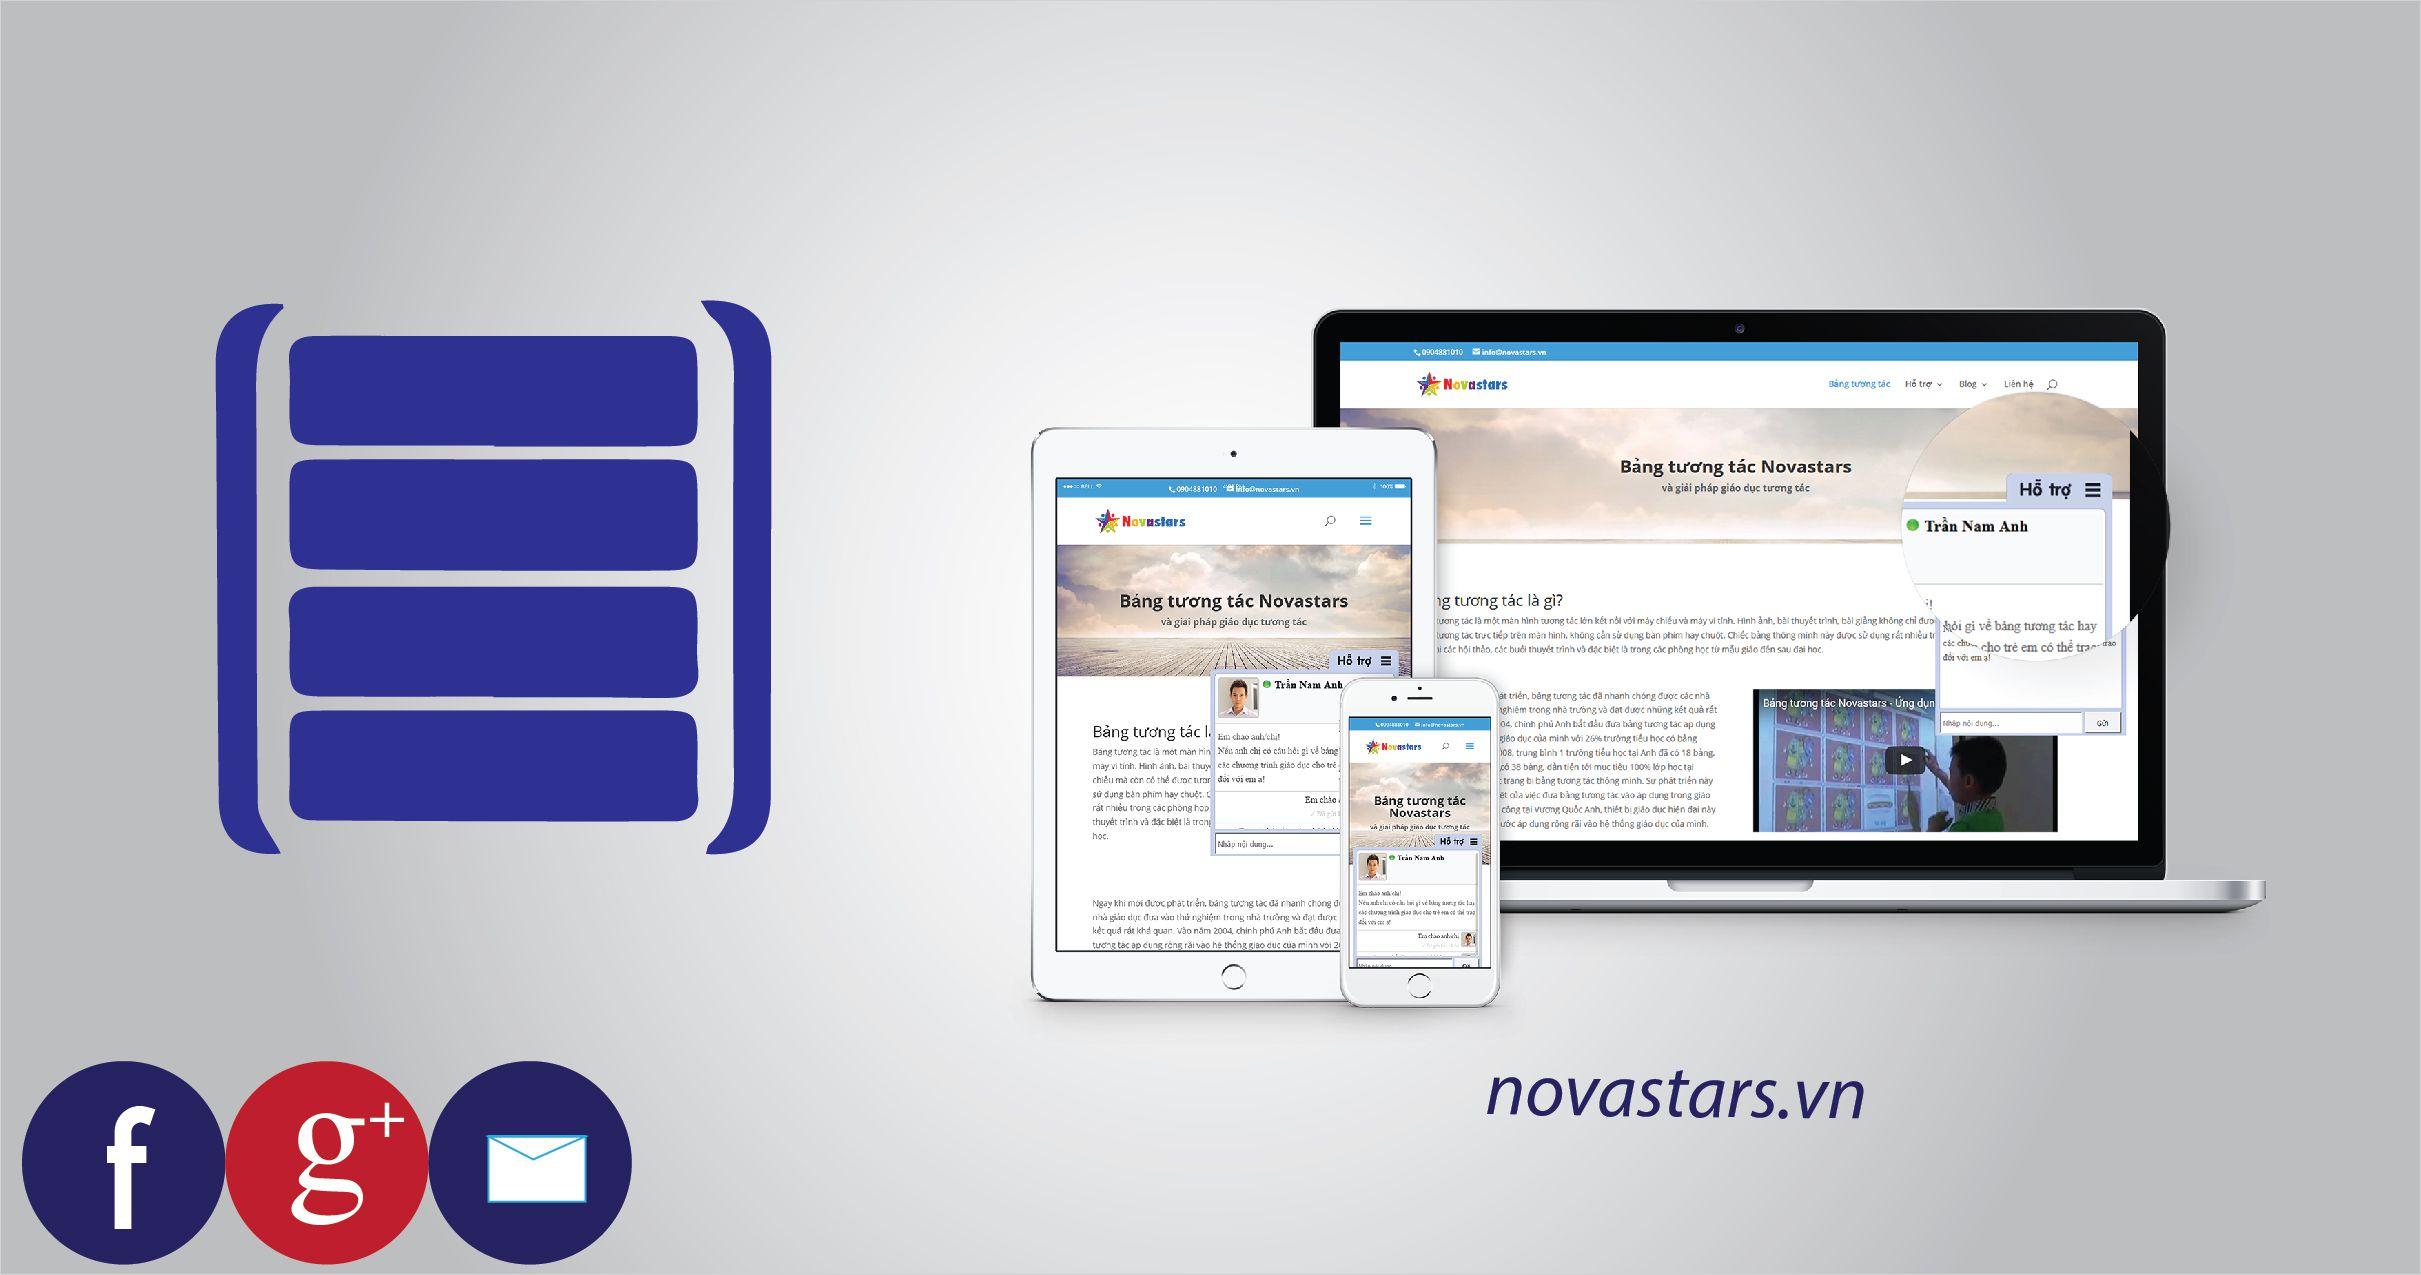 Hosting lưu trữ website bán bảng giáo dục thông minh